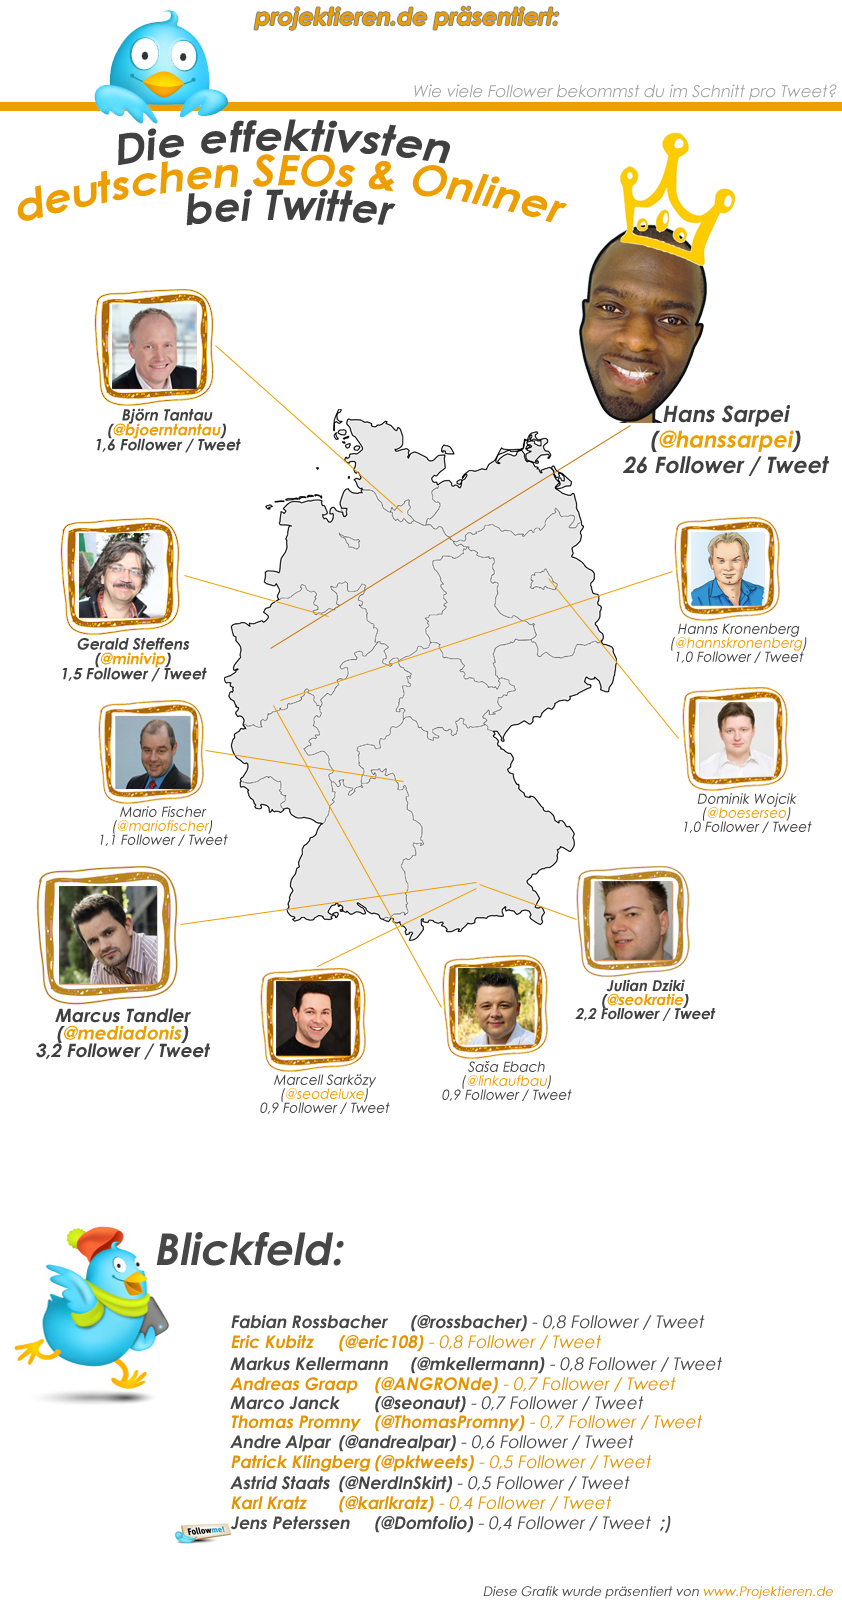 die effektivsten deutschen onliner auf twitter